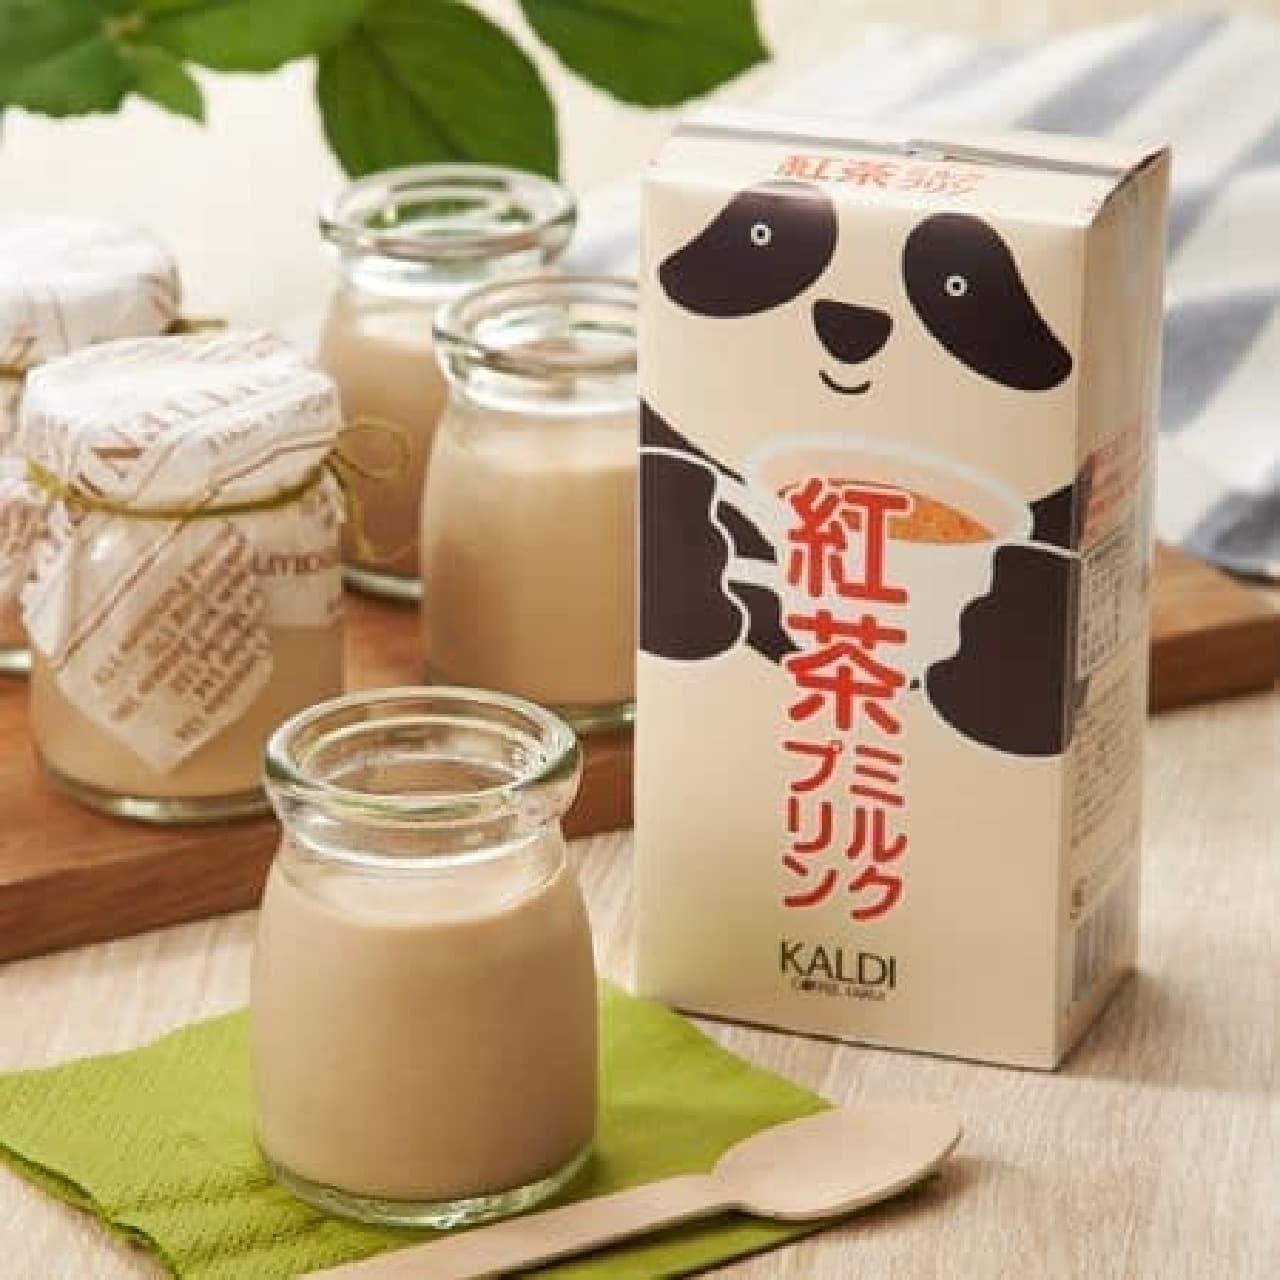 カルディ 紅茶のお菓子